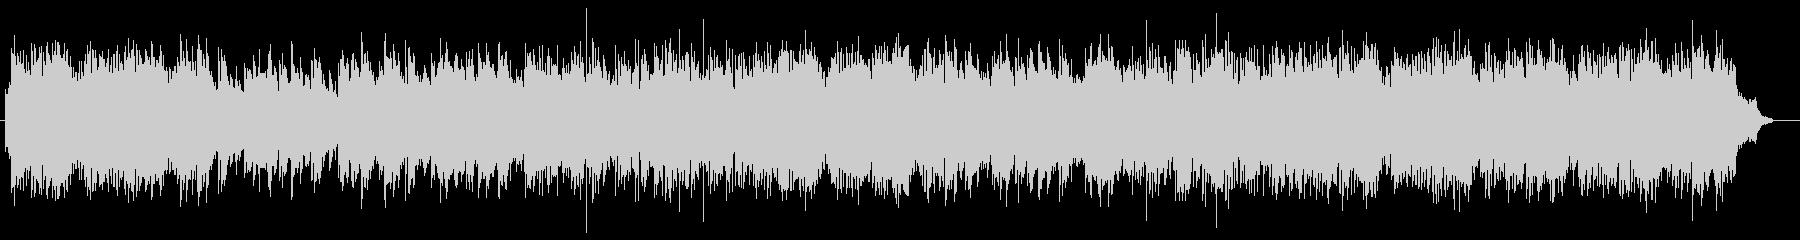 ストリングスとチェロのハーモニーの未再生の波形